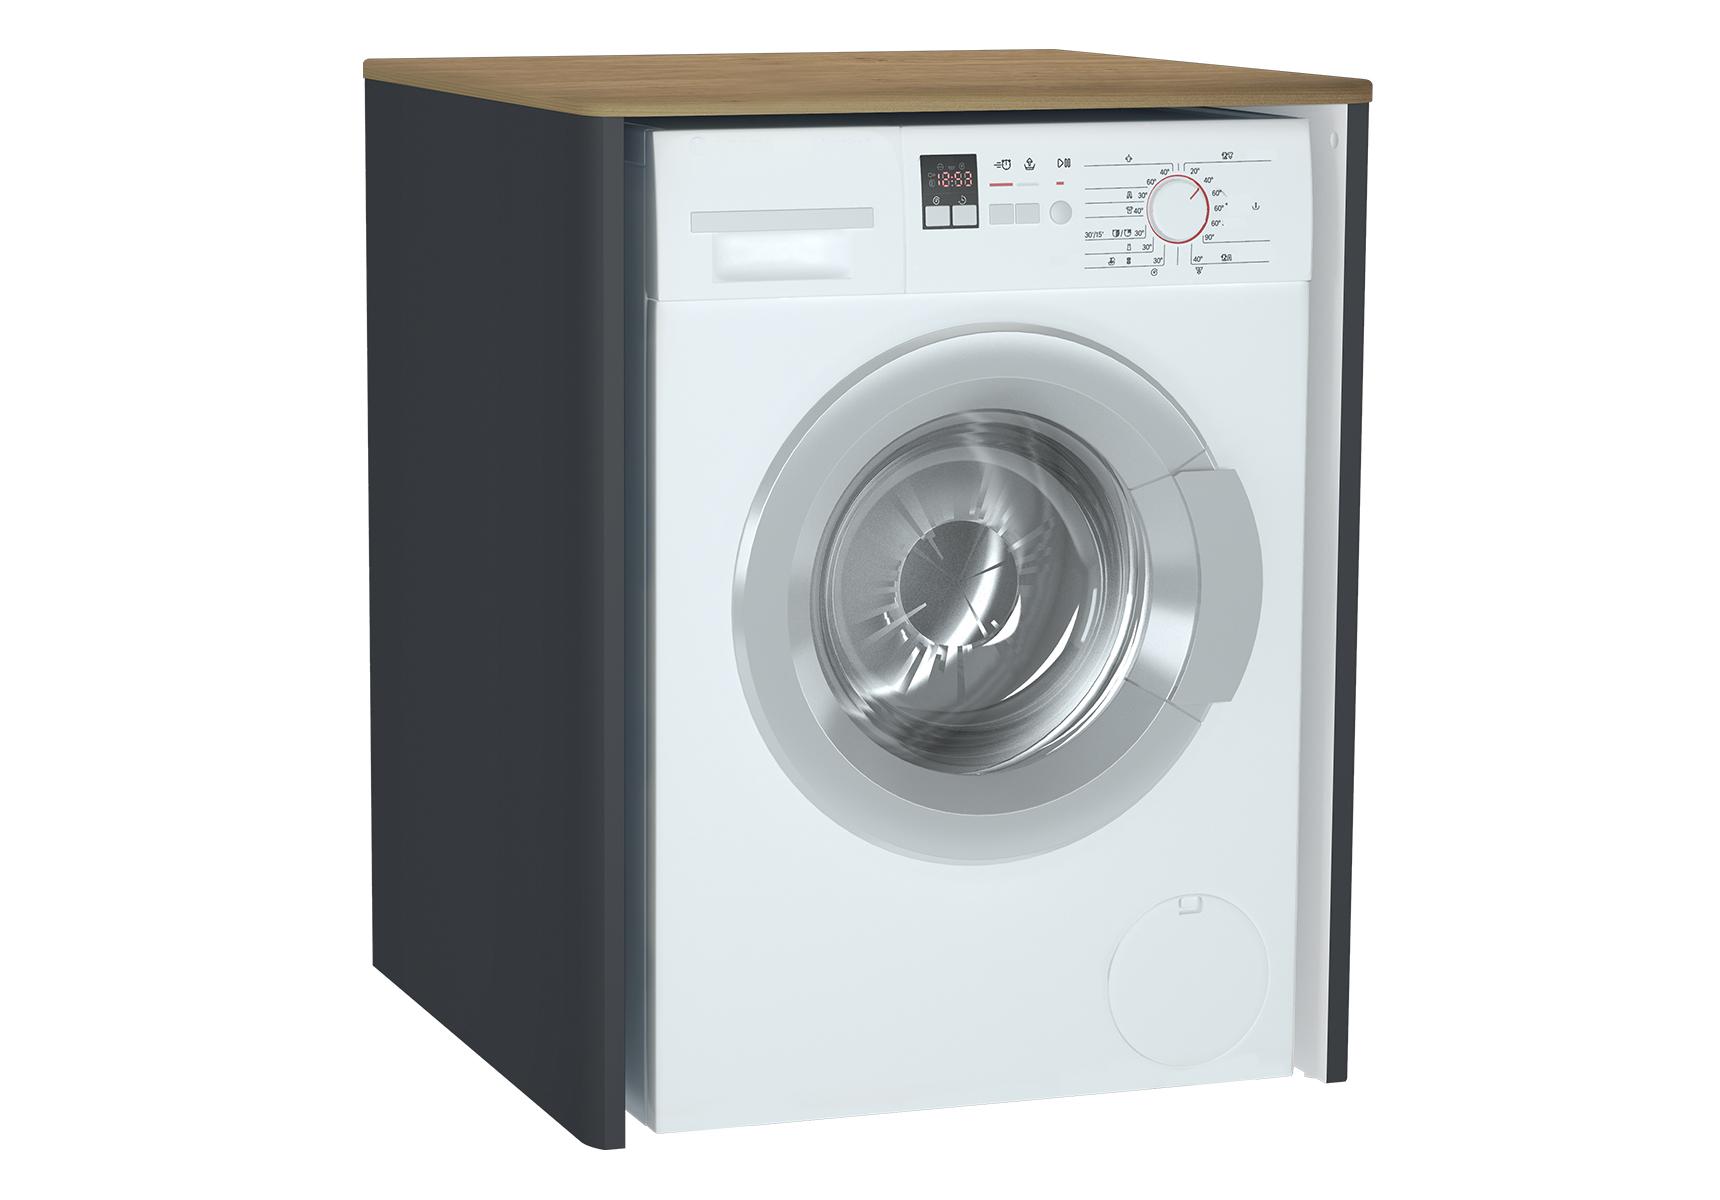 Sento unité lave-linge, 70 cm, sans corbeille à linge, anthraciteacite mat